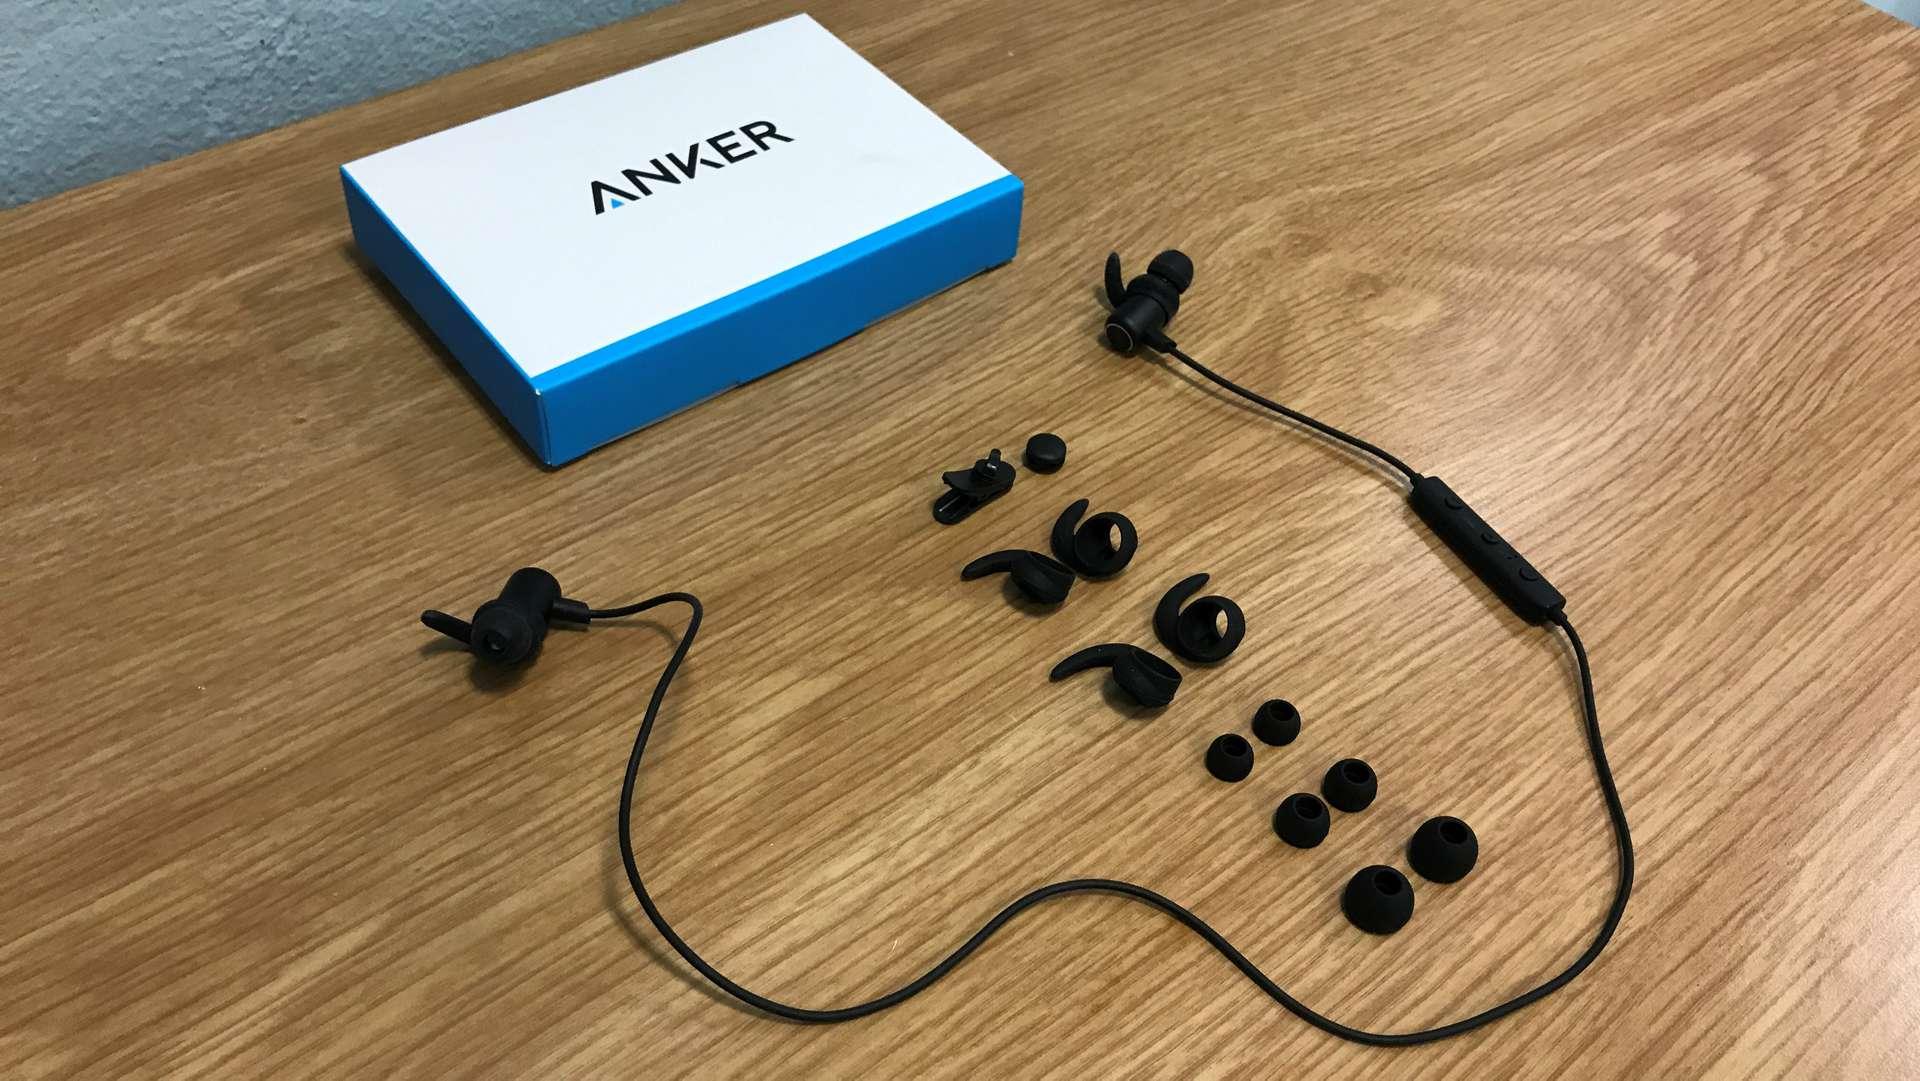 Cuffie Anker con set di accessori forniti nella confezione di vendita